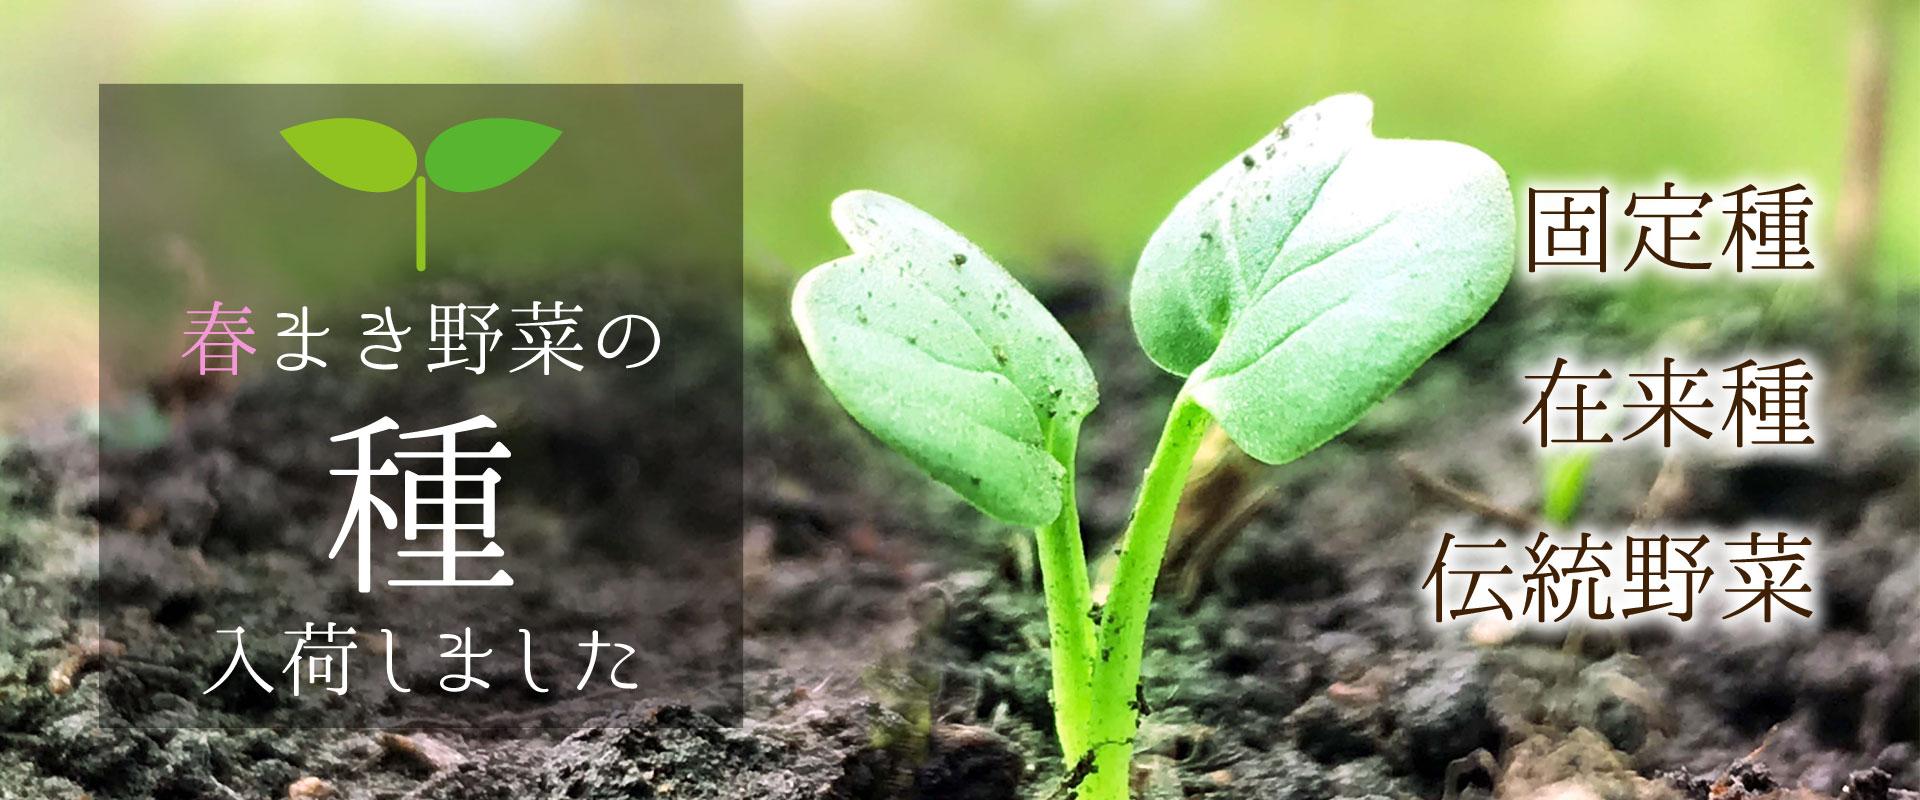 春まき野菜の種 入荷しました! 固定種・在来種・伝統野菜